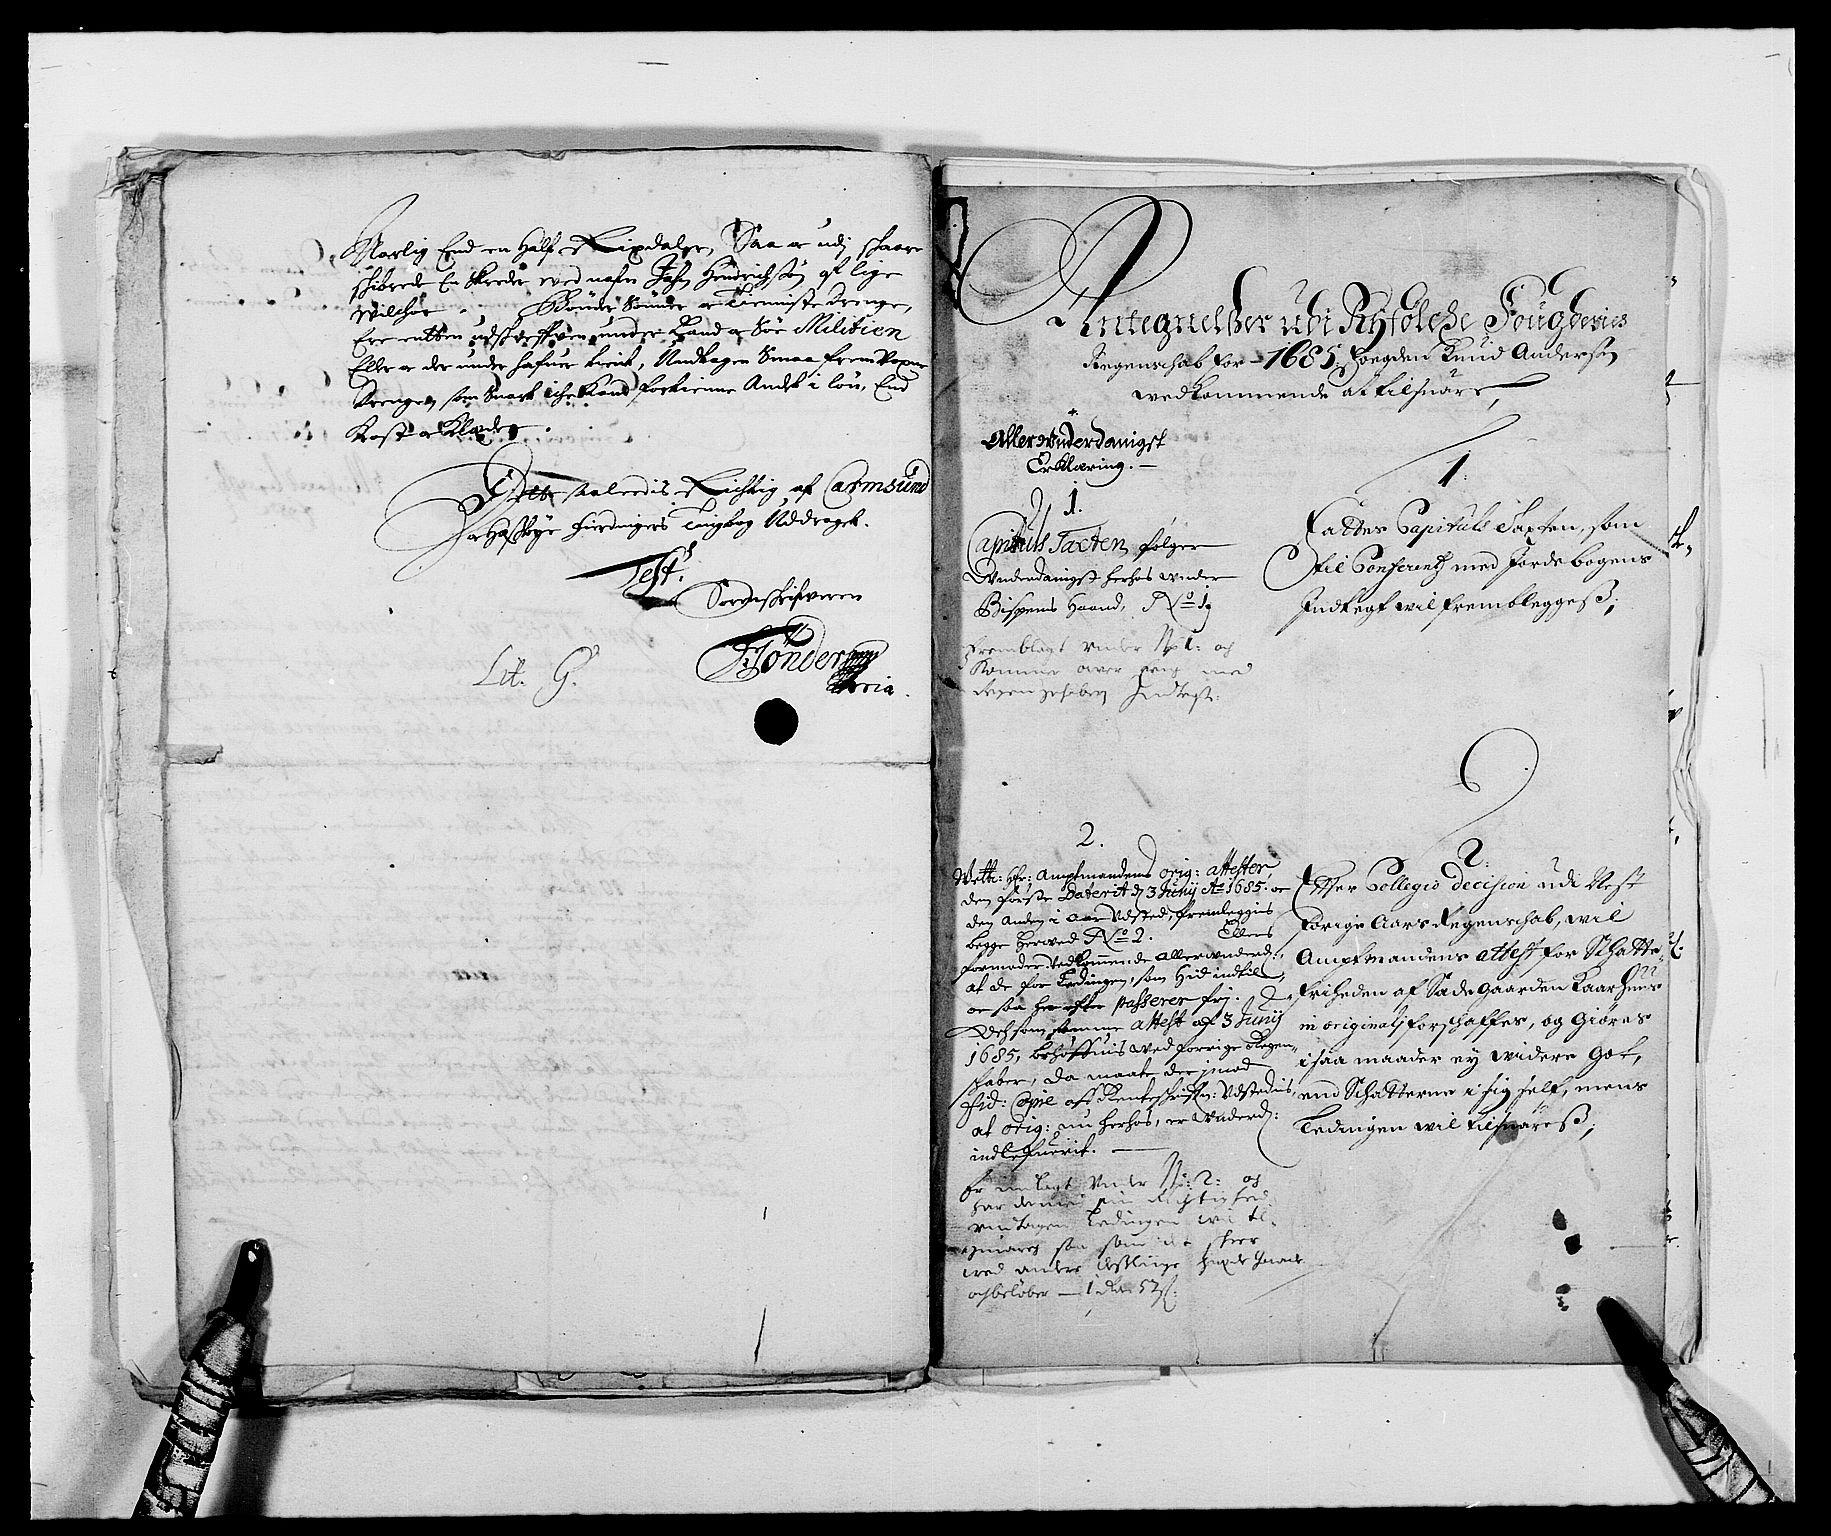 RA, Rentekammeret inntil 1814, Reviderte regnskaper, Fogderegnskap, R47/L2855: Fogderegnskap Ryfylke, 1685-1688, s. 106